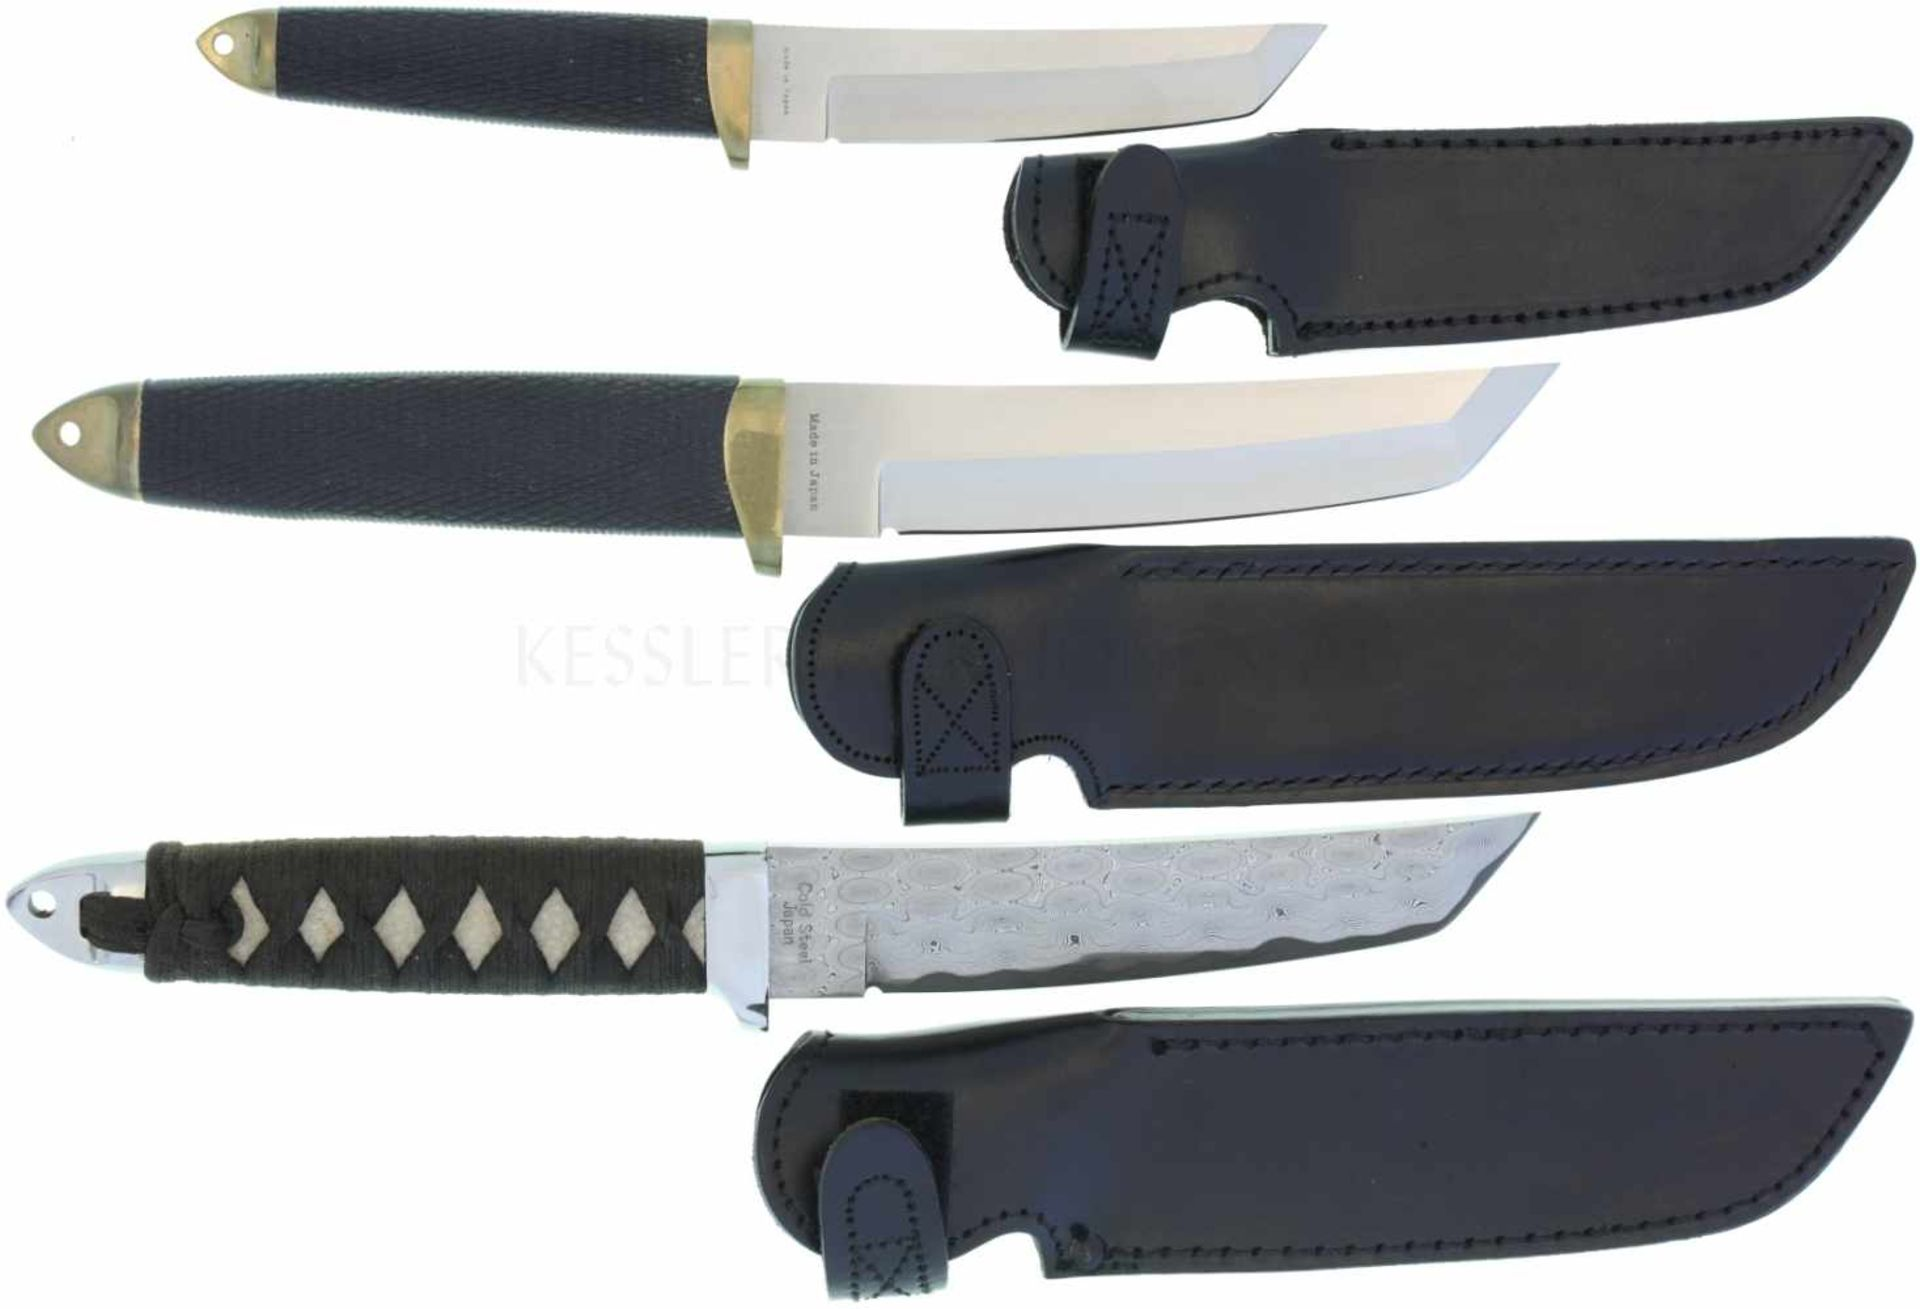 Konvolut 3 Cold Steel Tanto 1. KL 147mm, TL 280mm, Imperial Tanto, Klinge aus gefaltetem Stahl mit